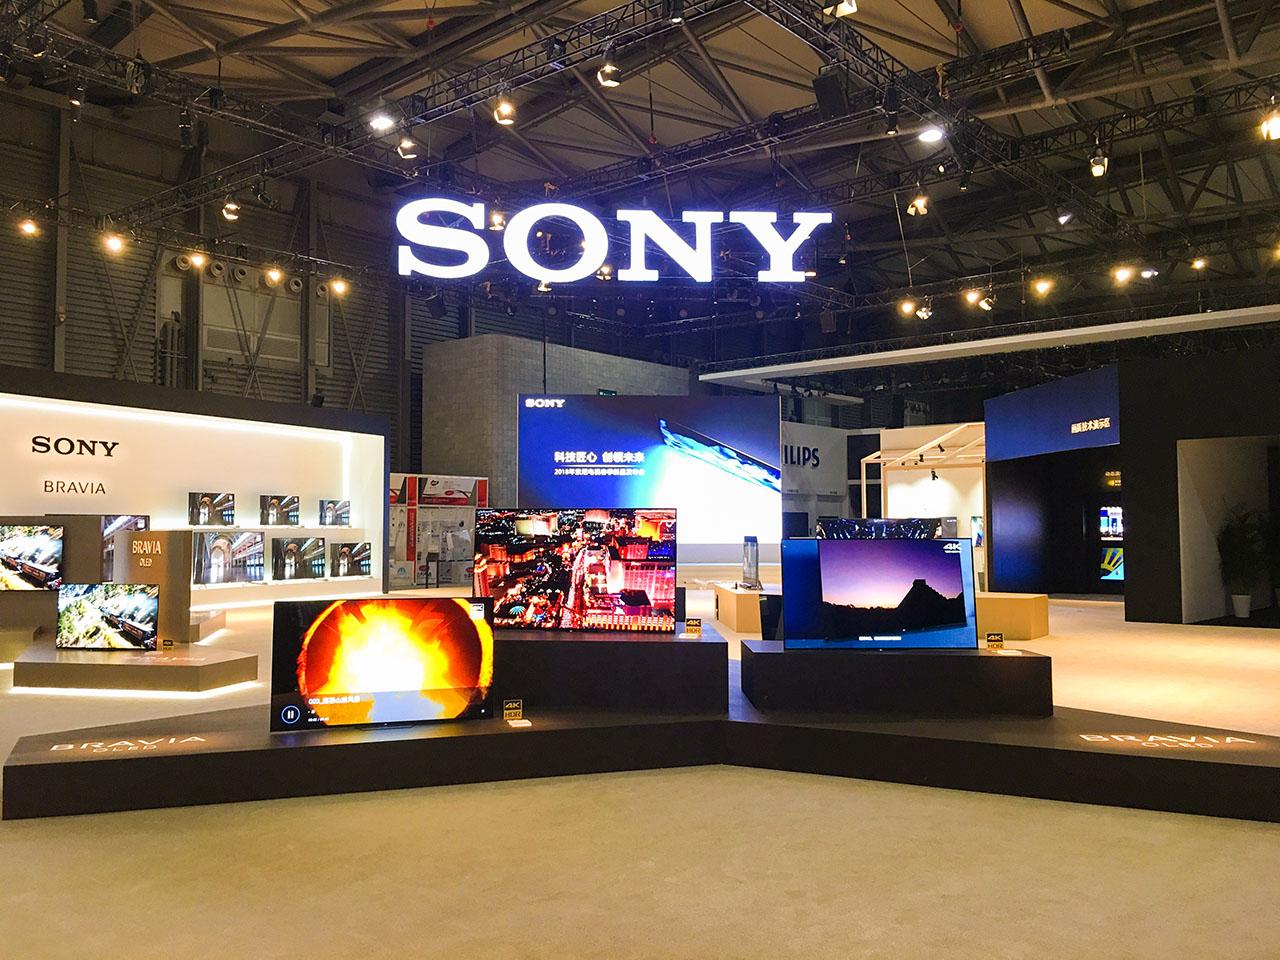 索尼A8F新品全球首发,再次引领创造OLED电视新格局